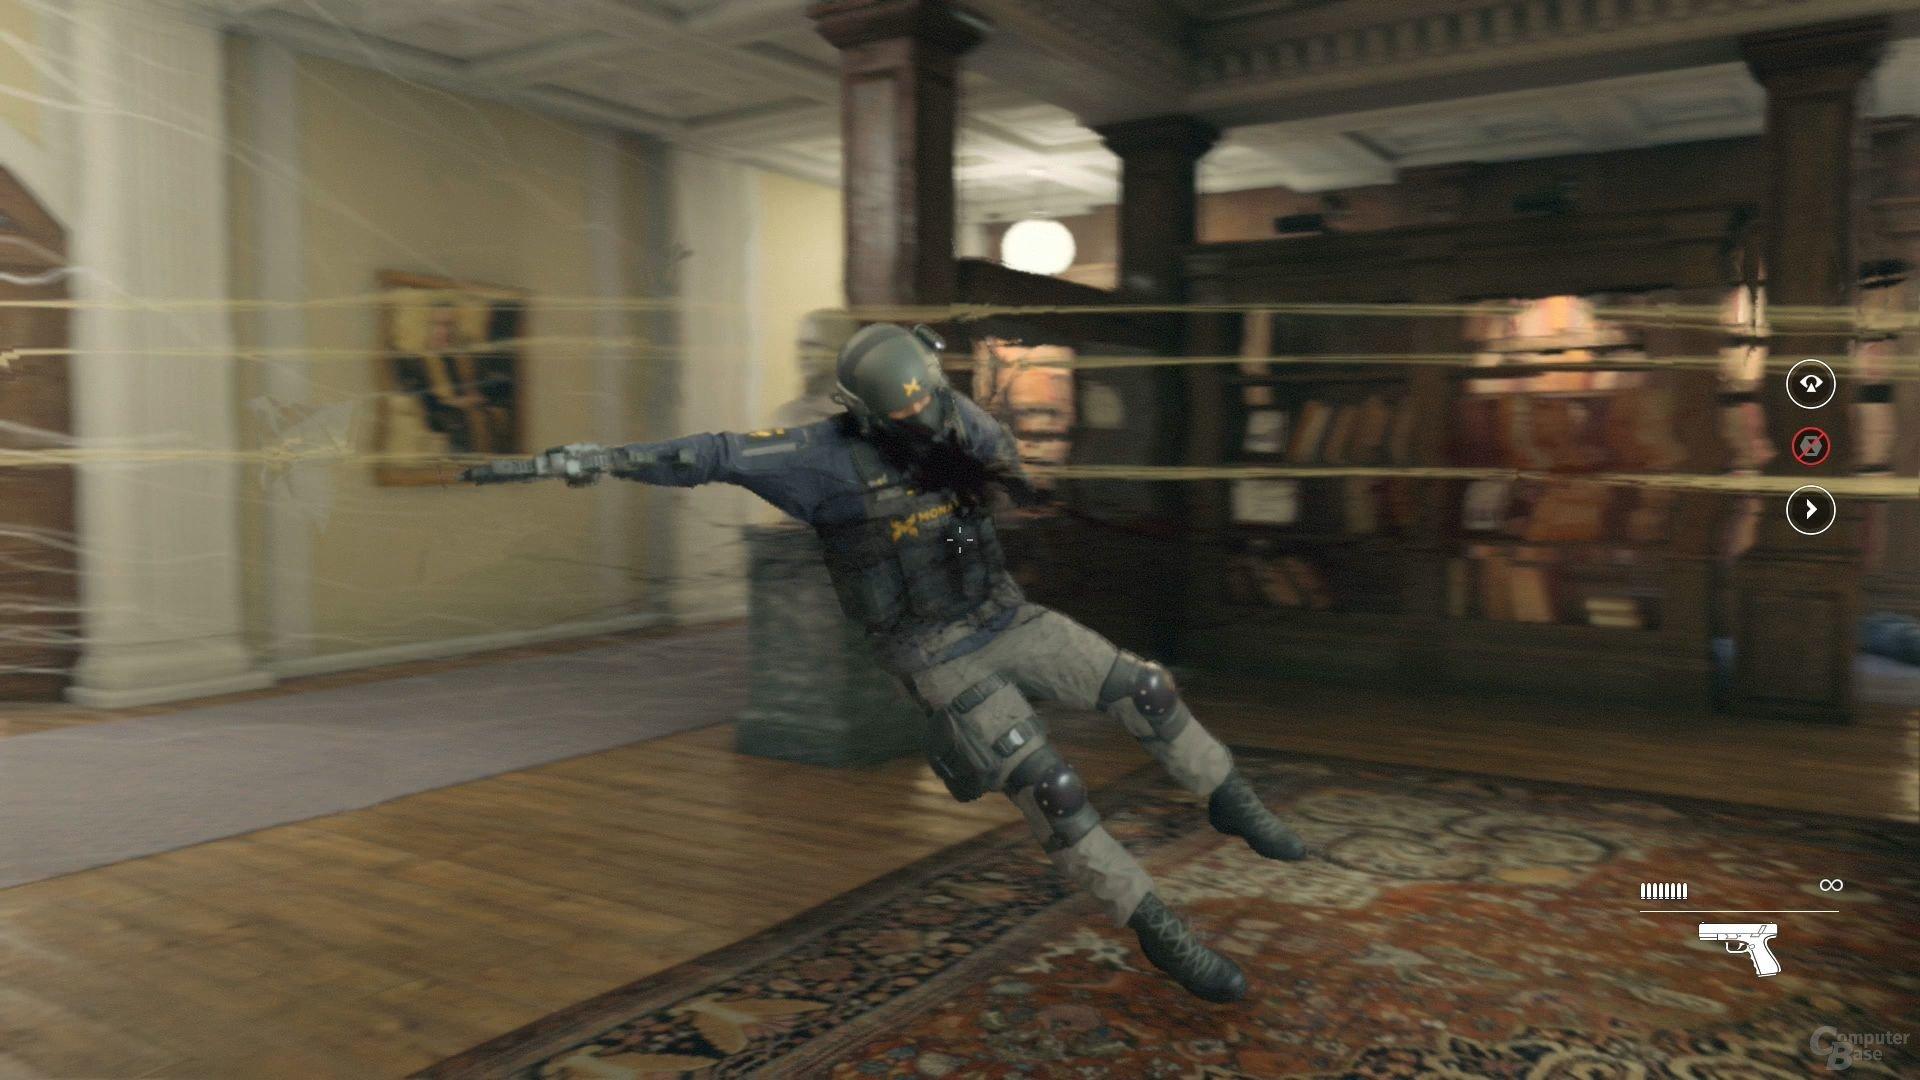 Quantum Break zelebriert das Ende von Gefechten in Slow-Mo